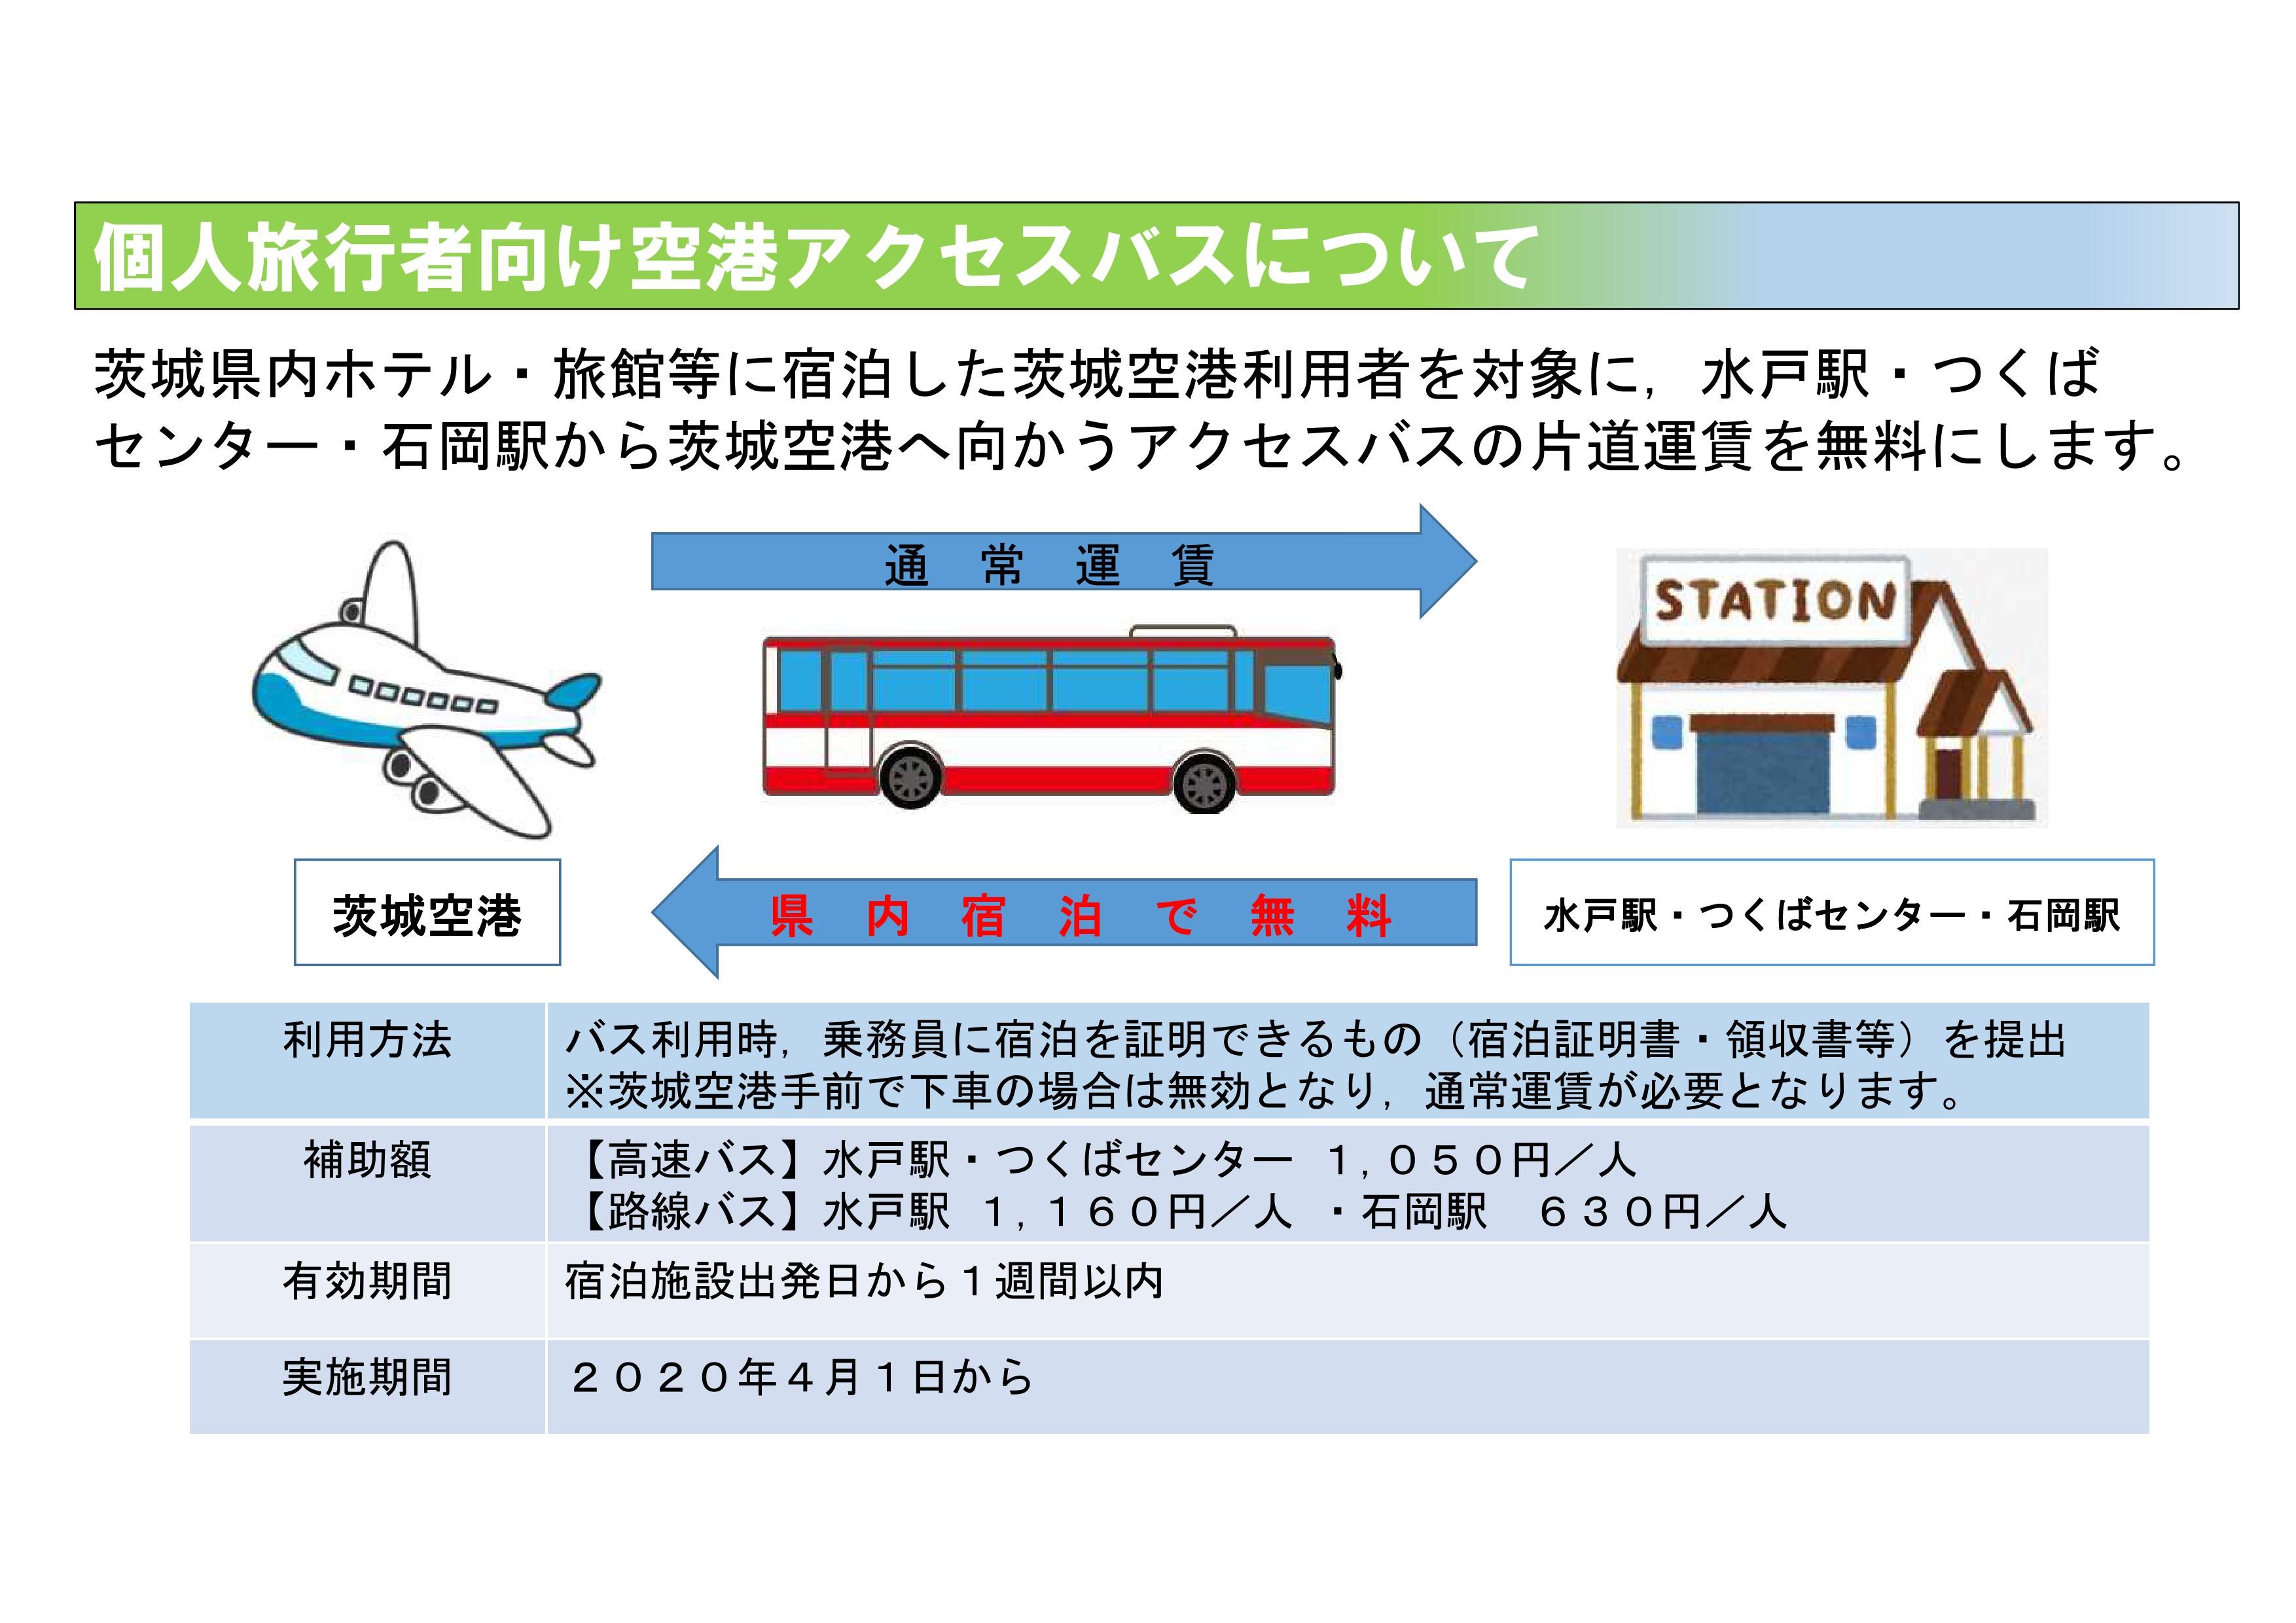 水戸駅 高速バス